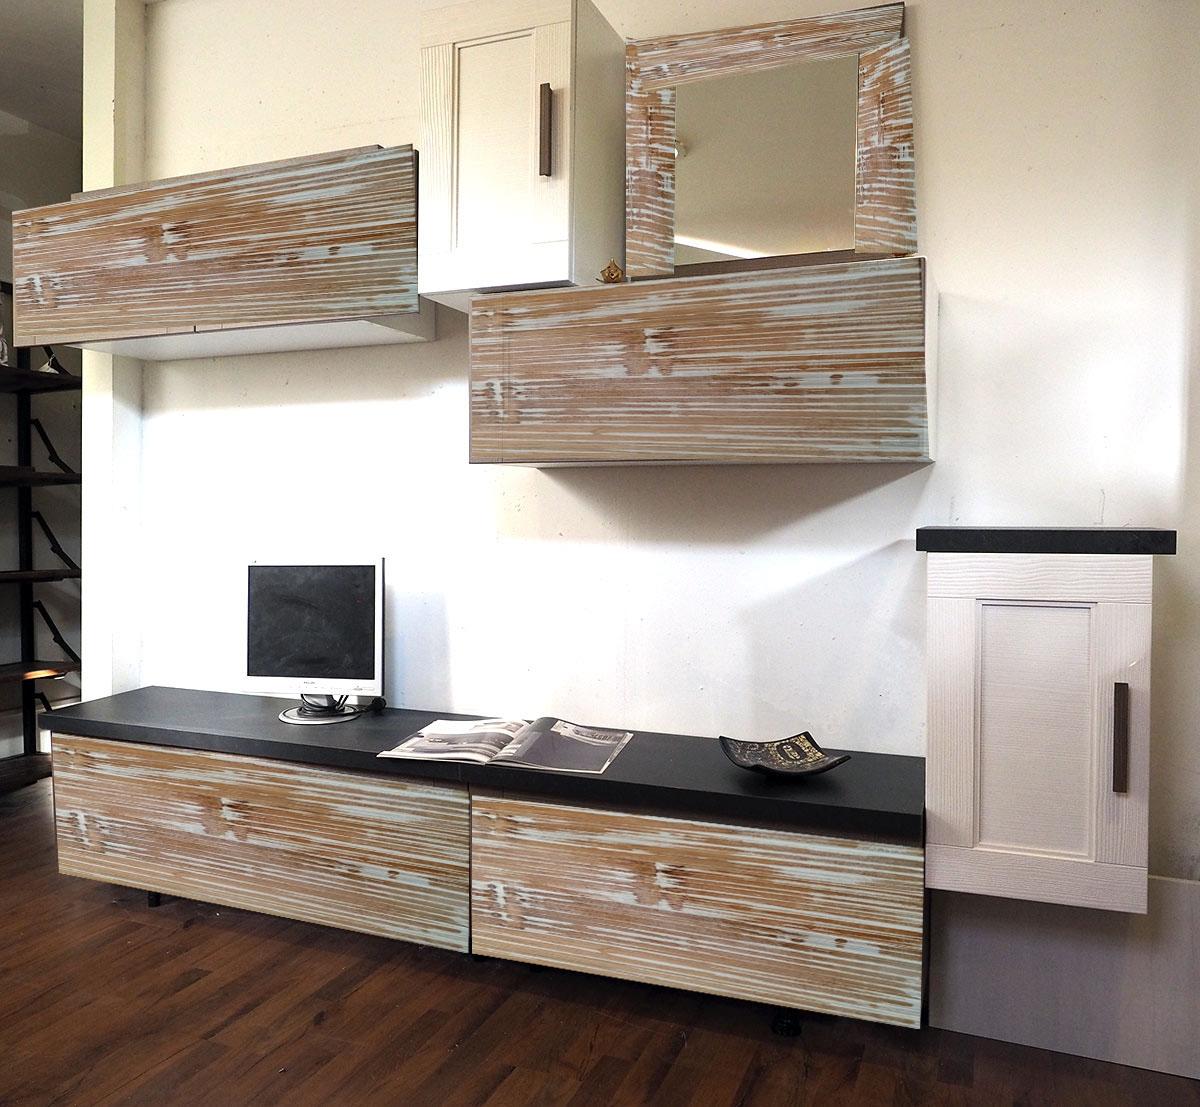 Soggiorno etnico vintage in legno e bambu miele white wash for Arredamento soggiorno moderno in legno